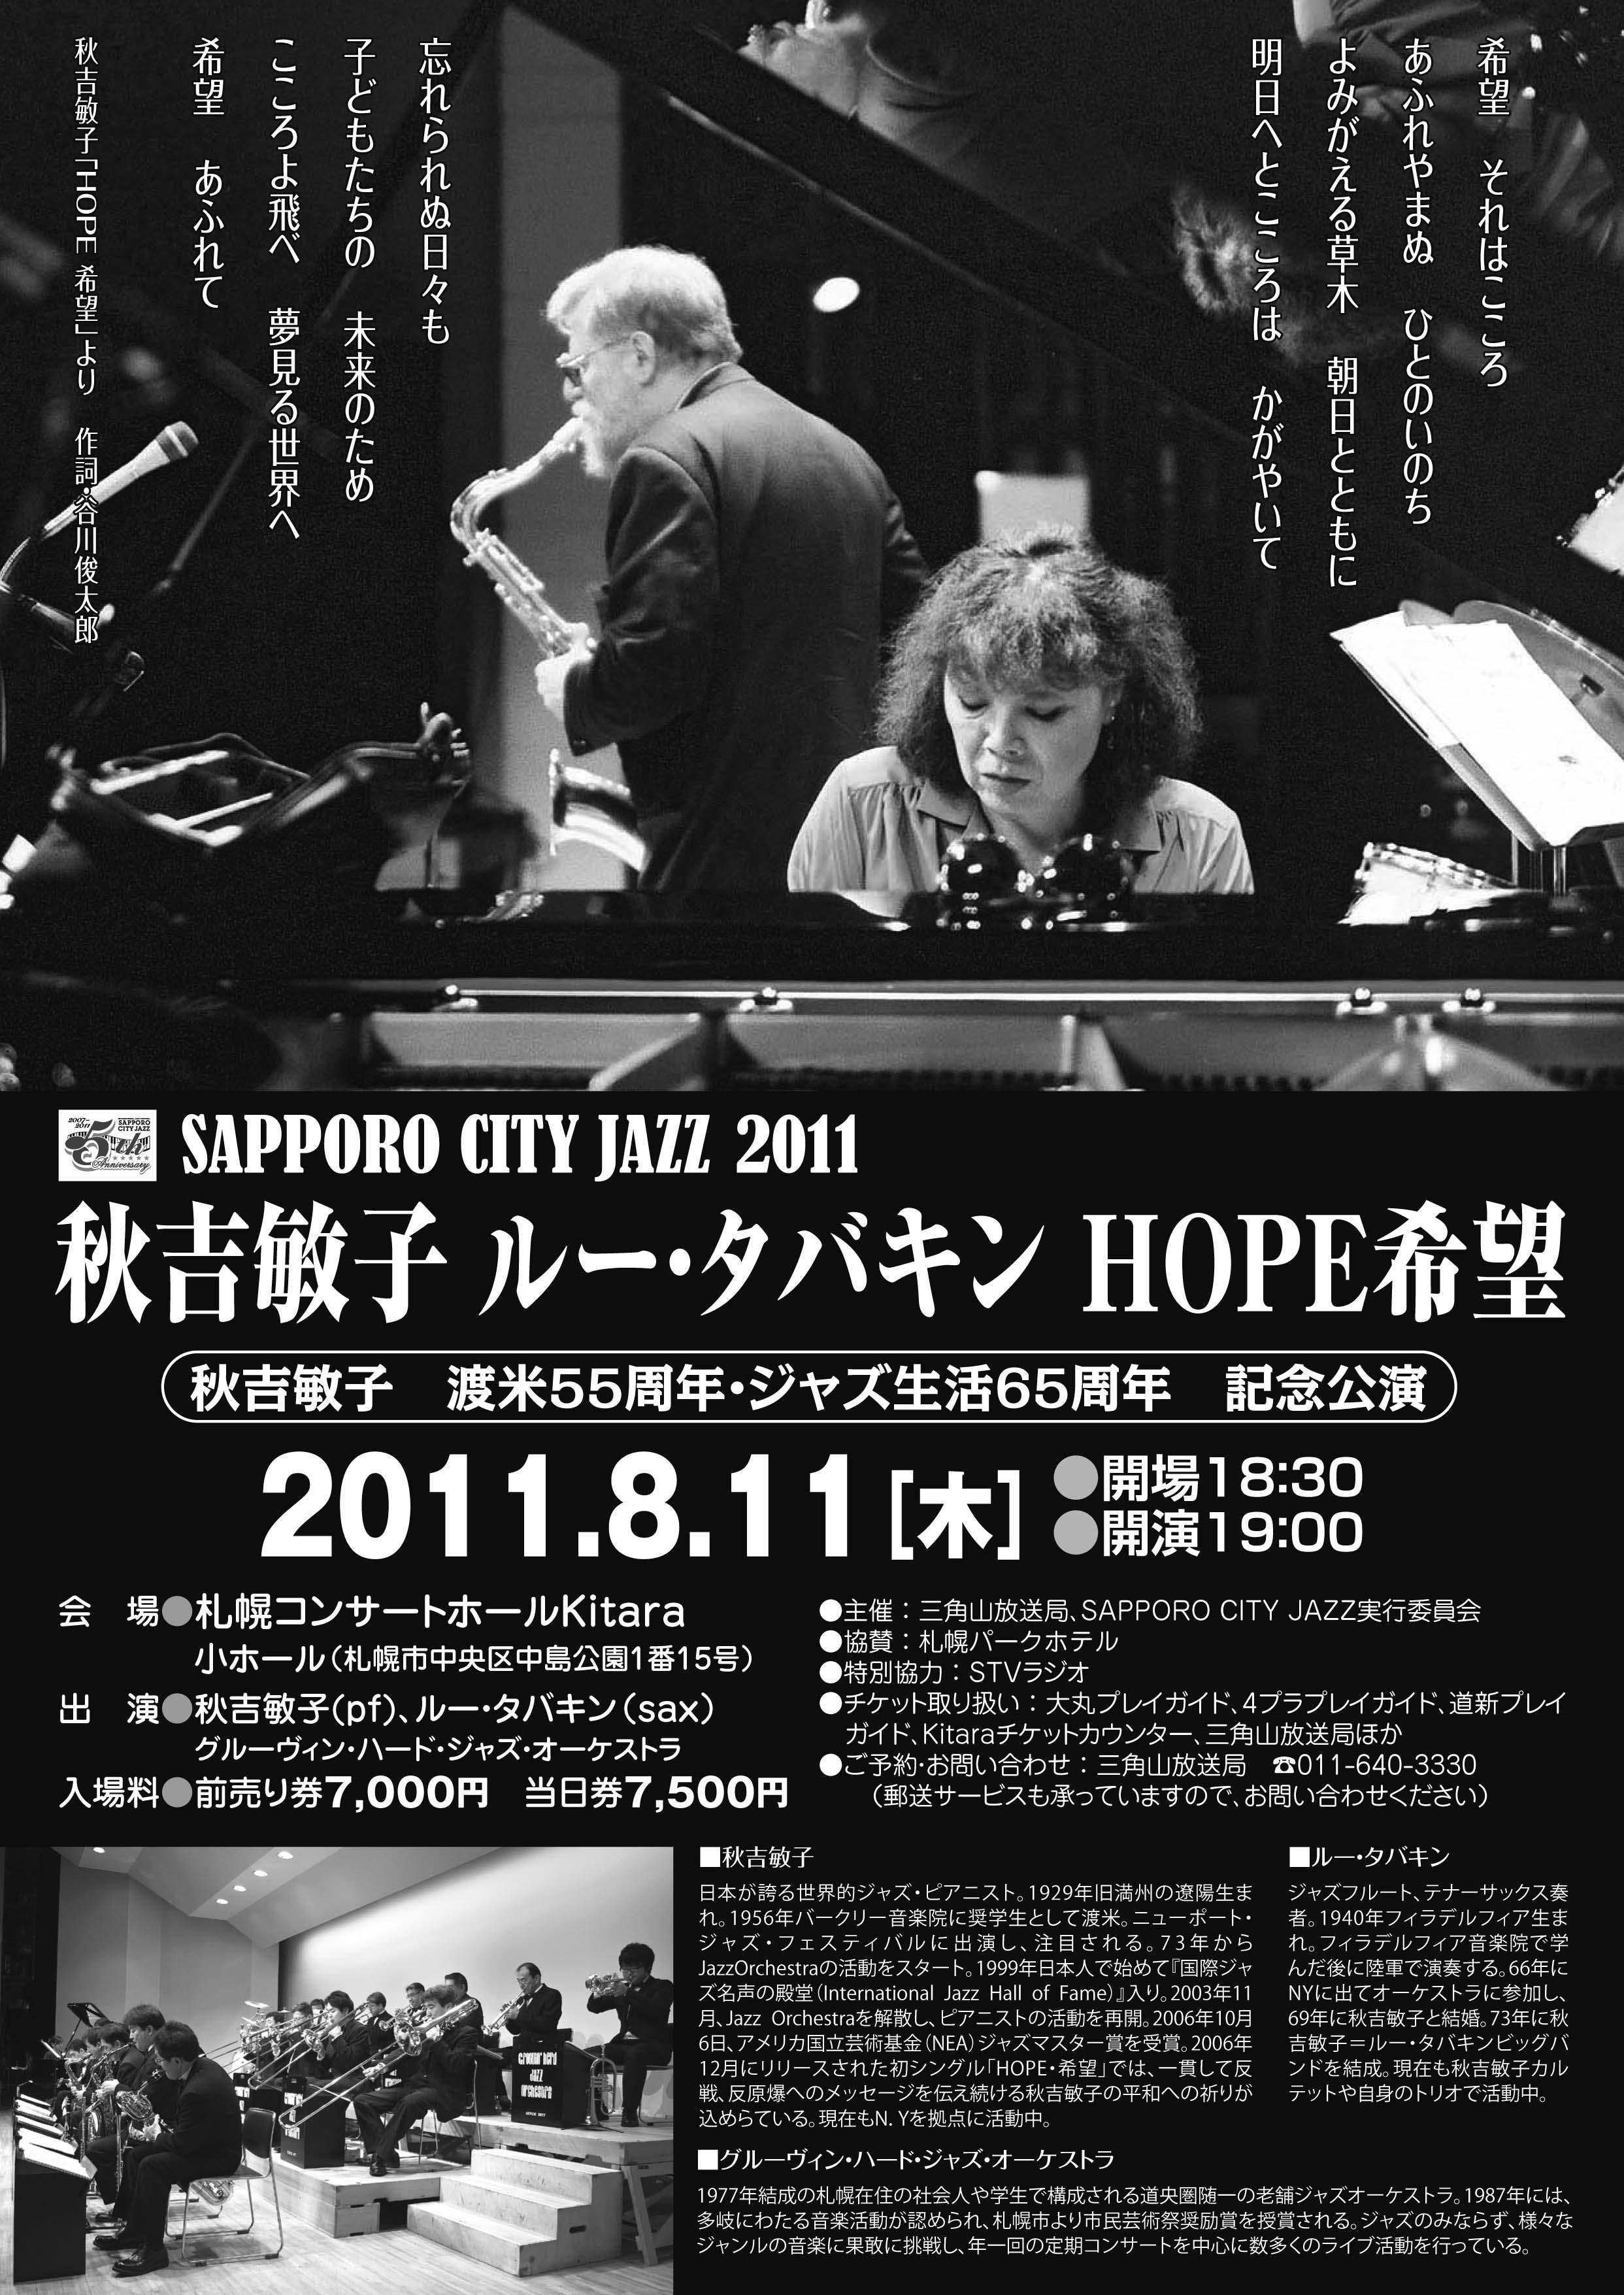 2011秋吉チラシ.jpg